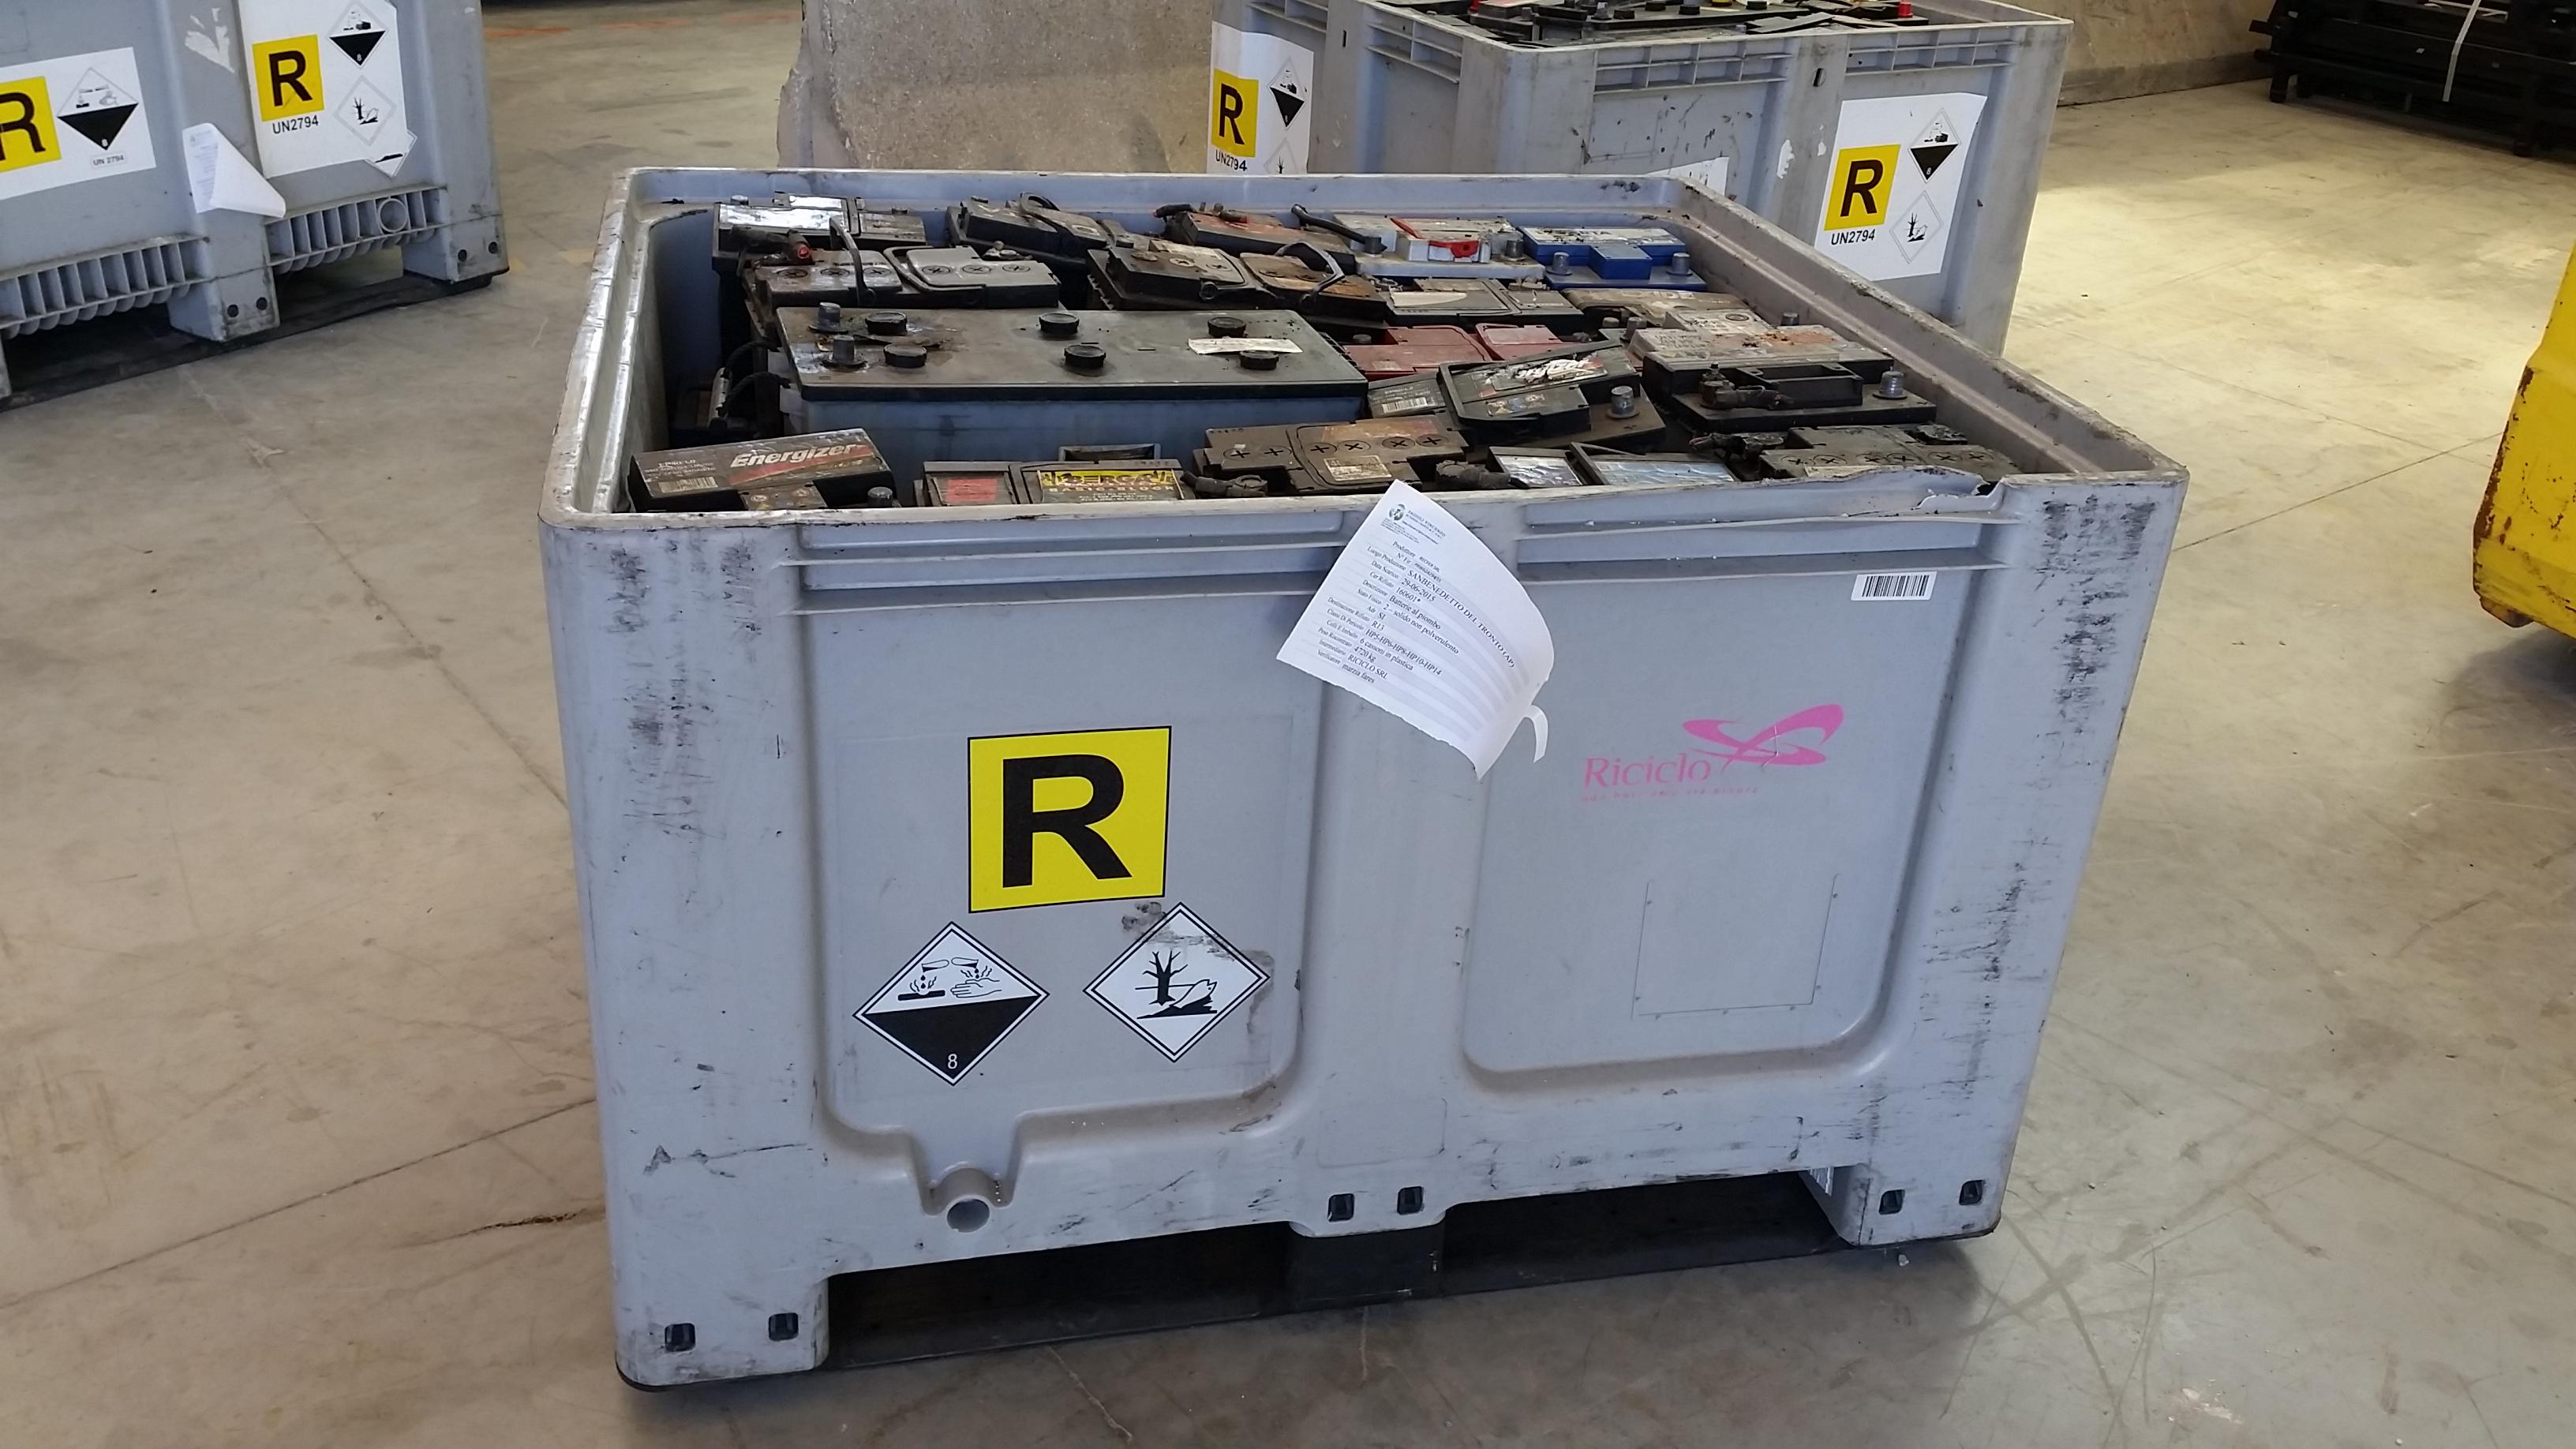 Smaltimento Riufiti Batterie Fermo